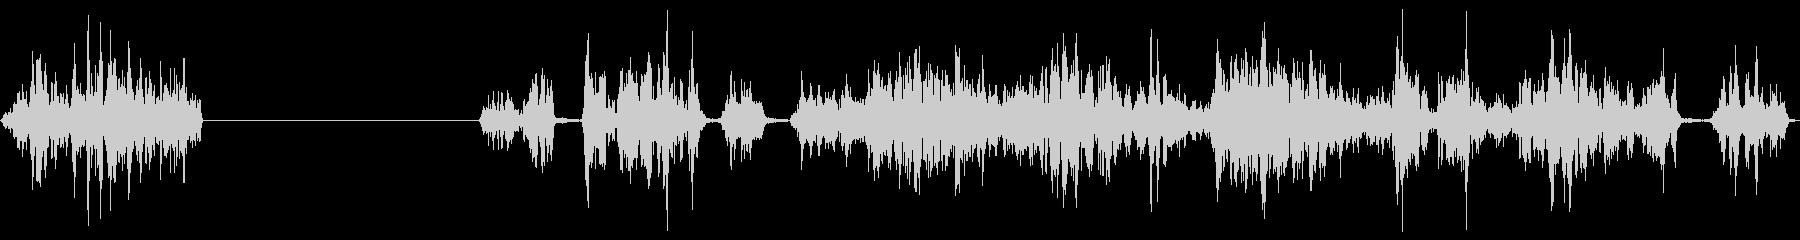 ロックスクリーン、ロックアゲインス...の未再生の波形